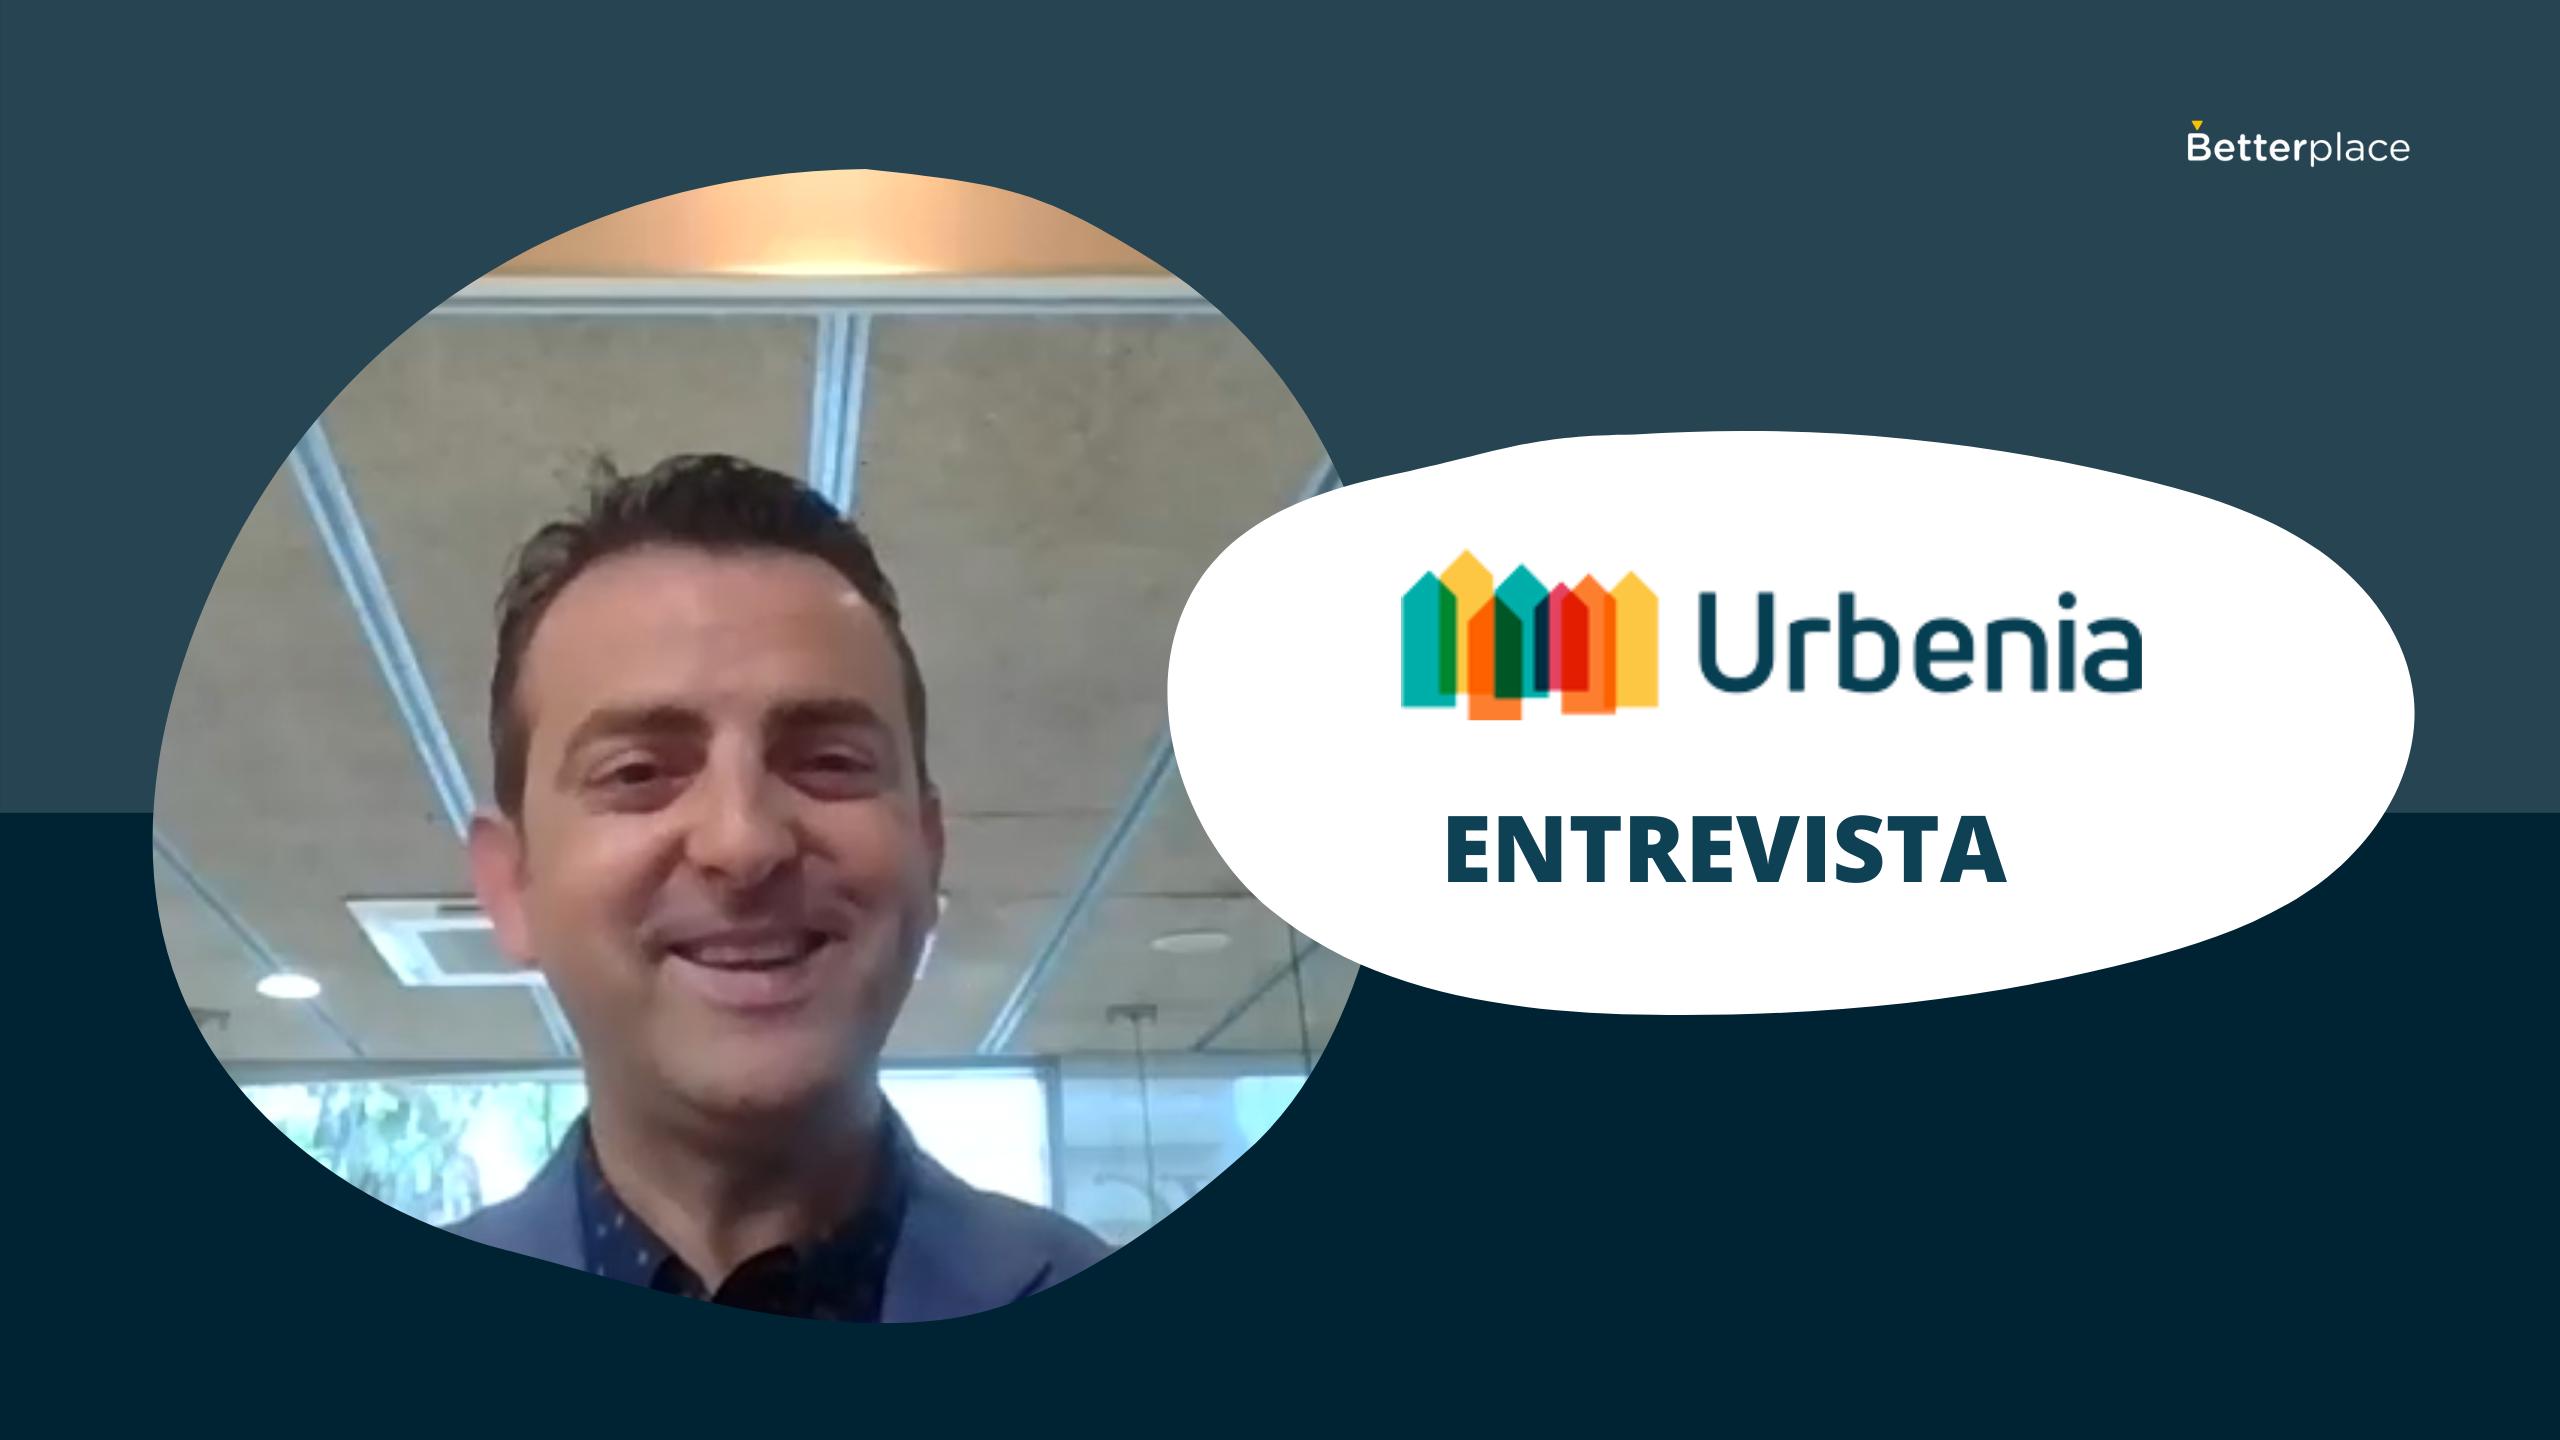 Cómo Urbenia ha profesionalizado su proceso de valoración con el software inmobiliario Betterplace